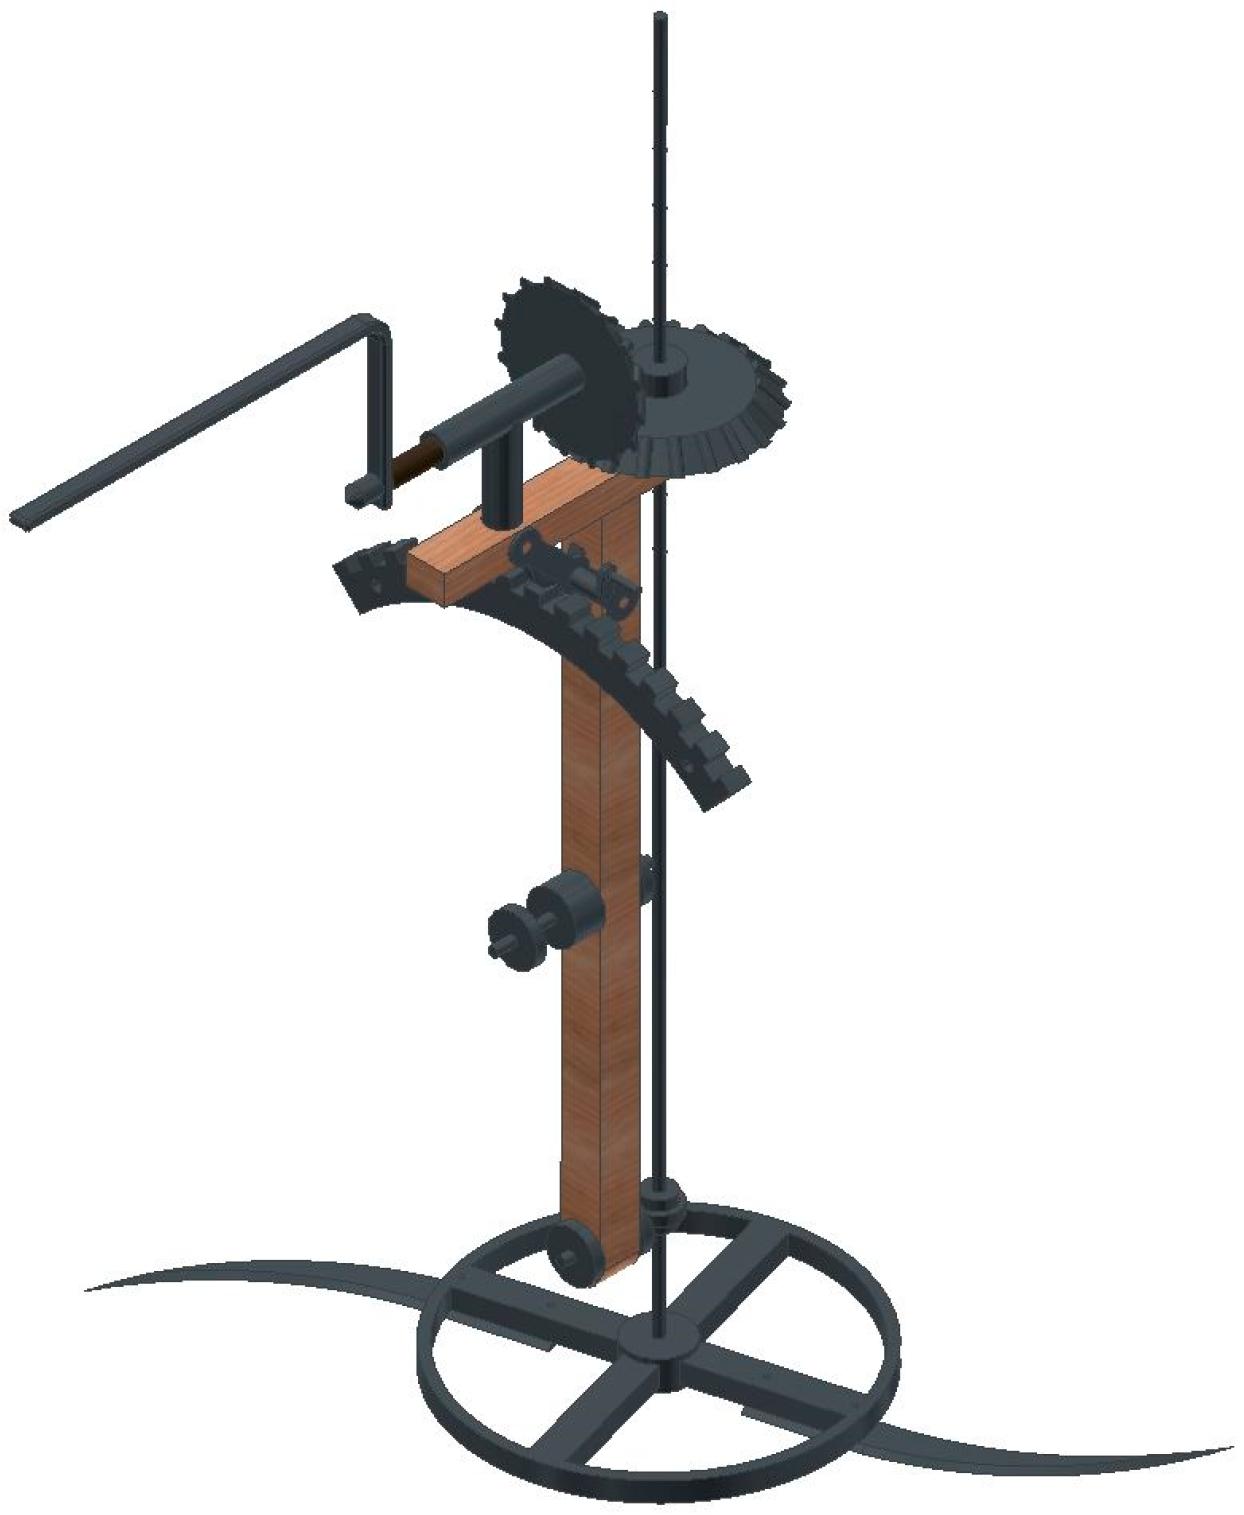 flinders uiversity engineering design inventor pdf